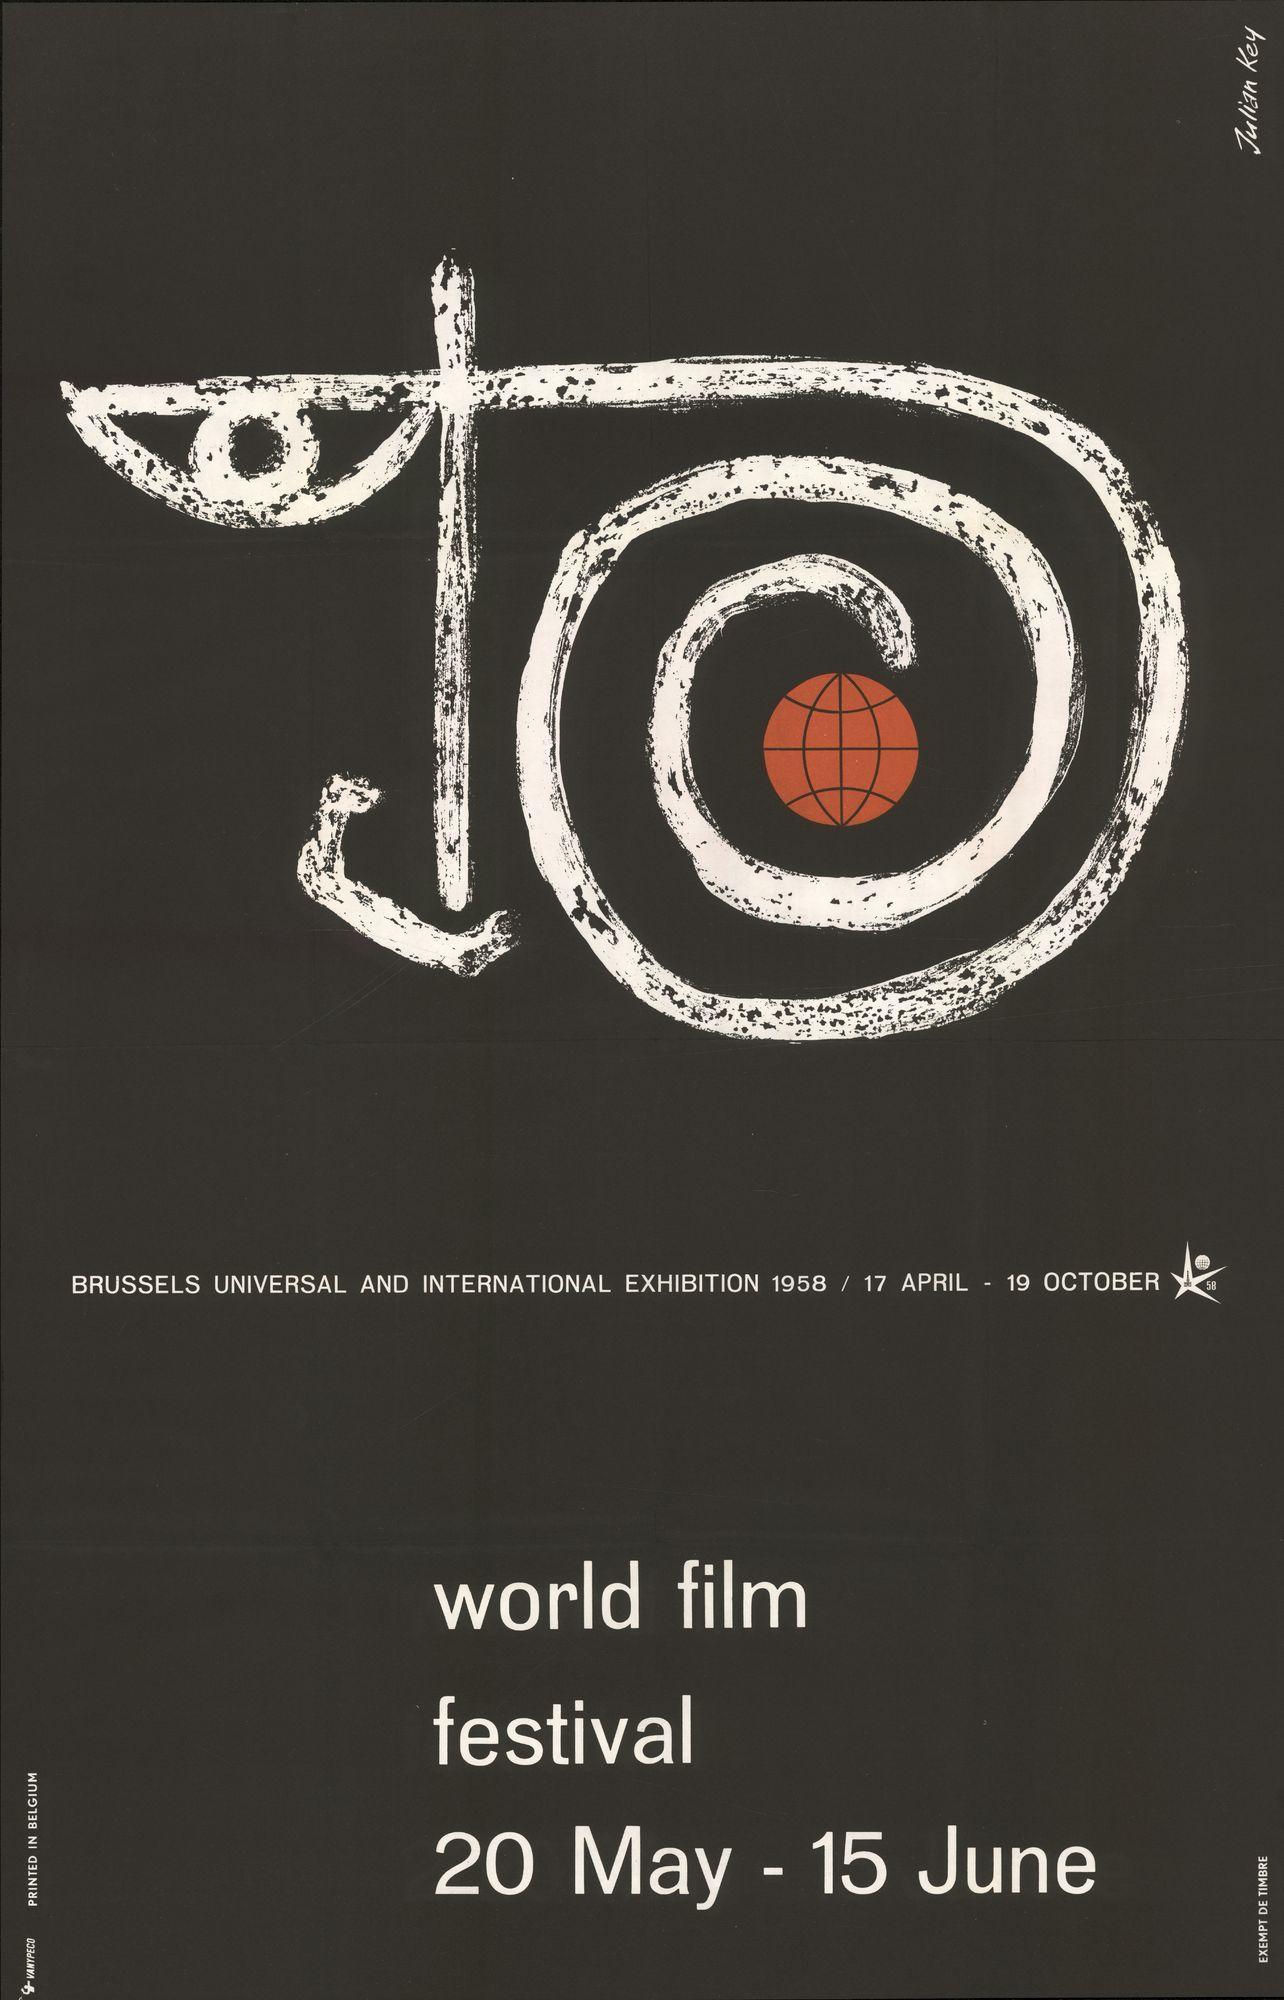 World Film Festival, 20 mei - 15 juni 1958